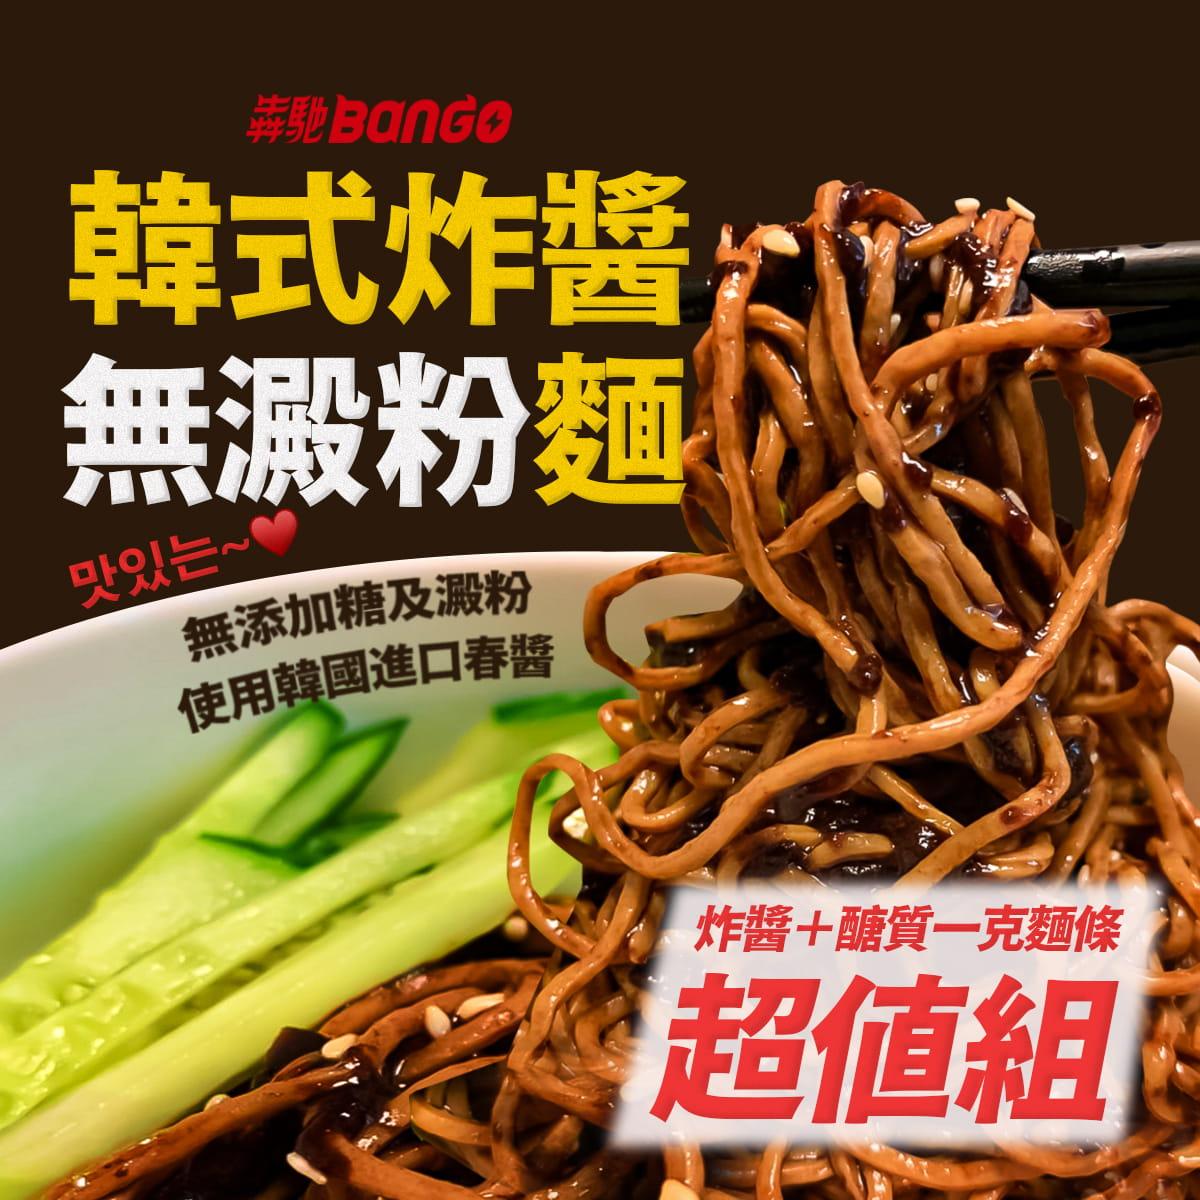 【Bango】無澱粉韓式炸醬拉麵/擔擔麻醬拉麵 1